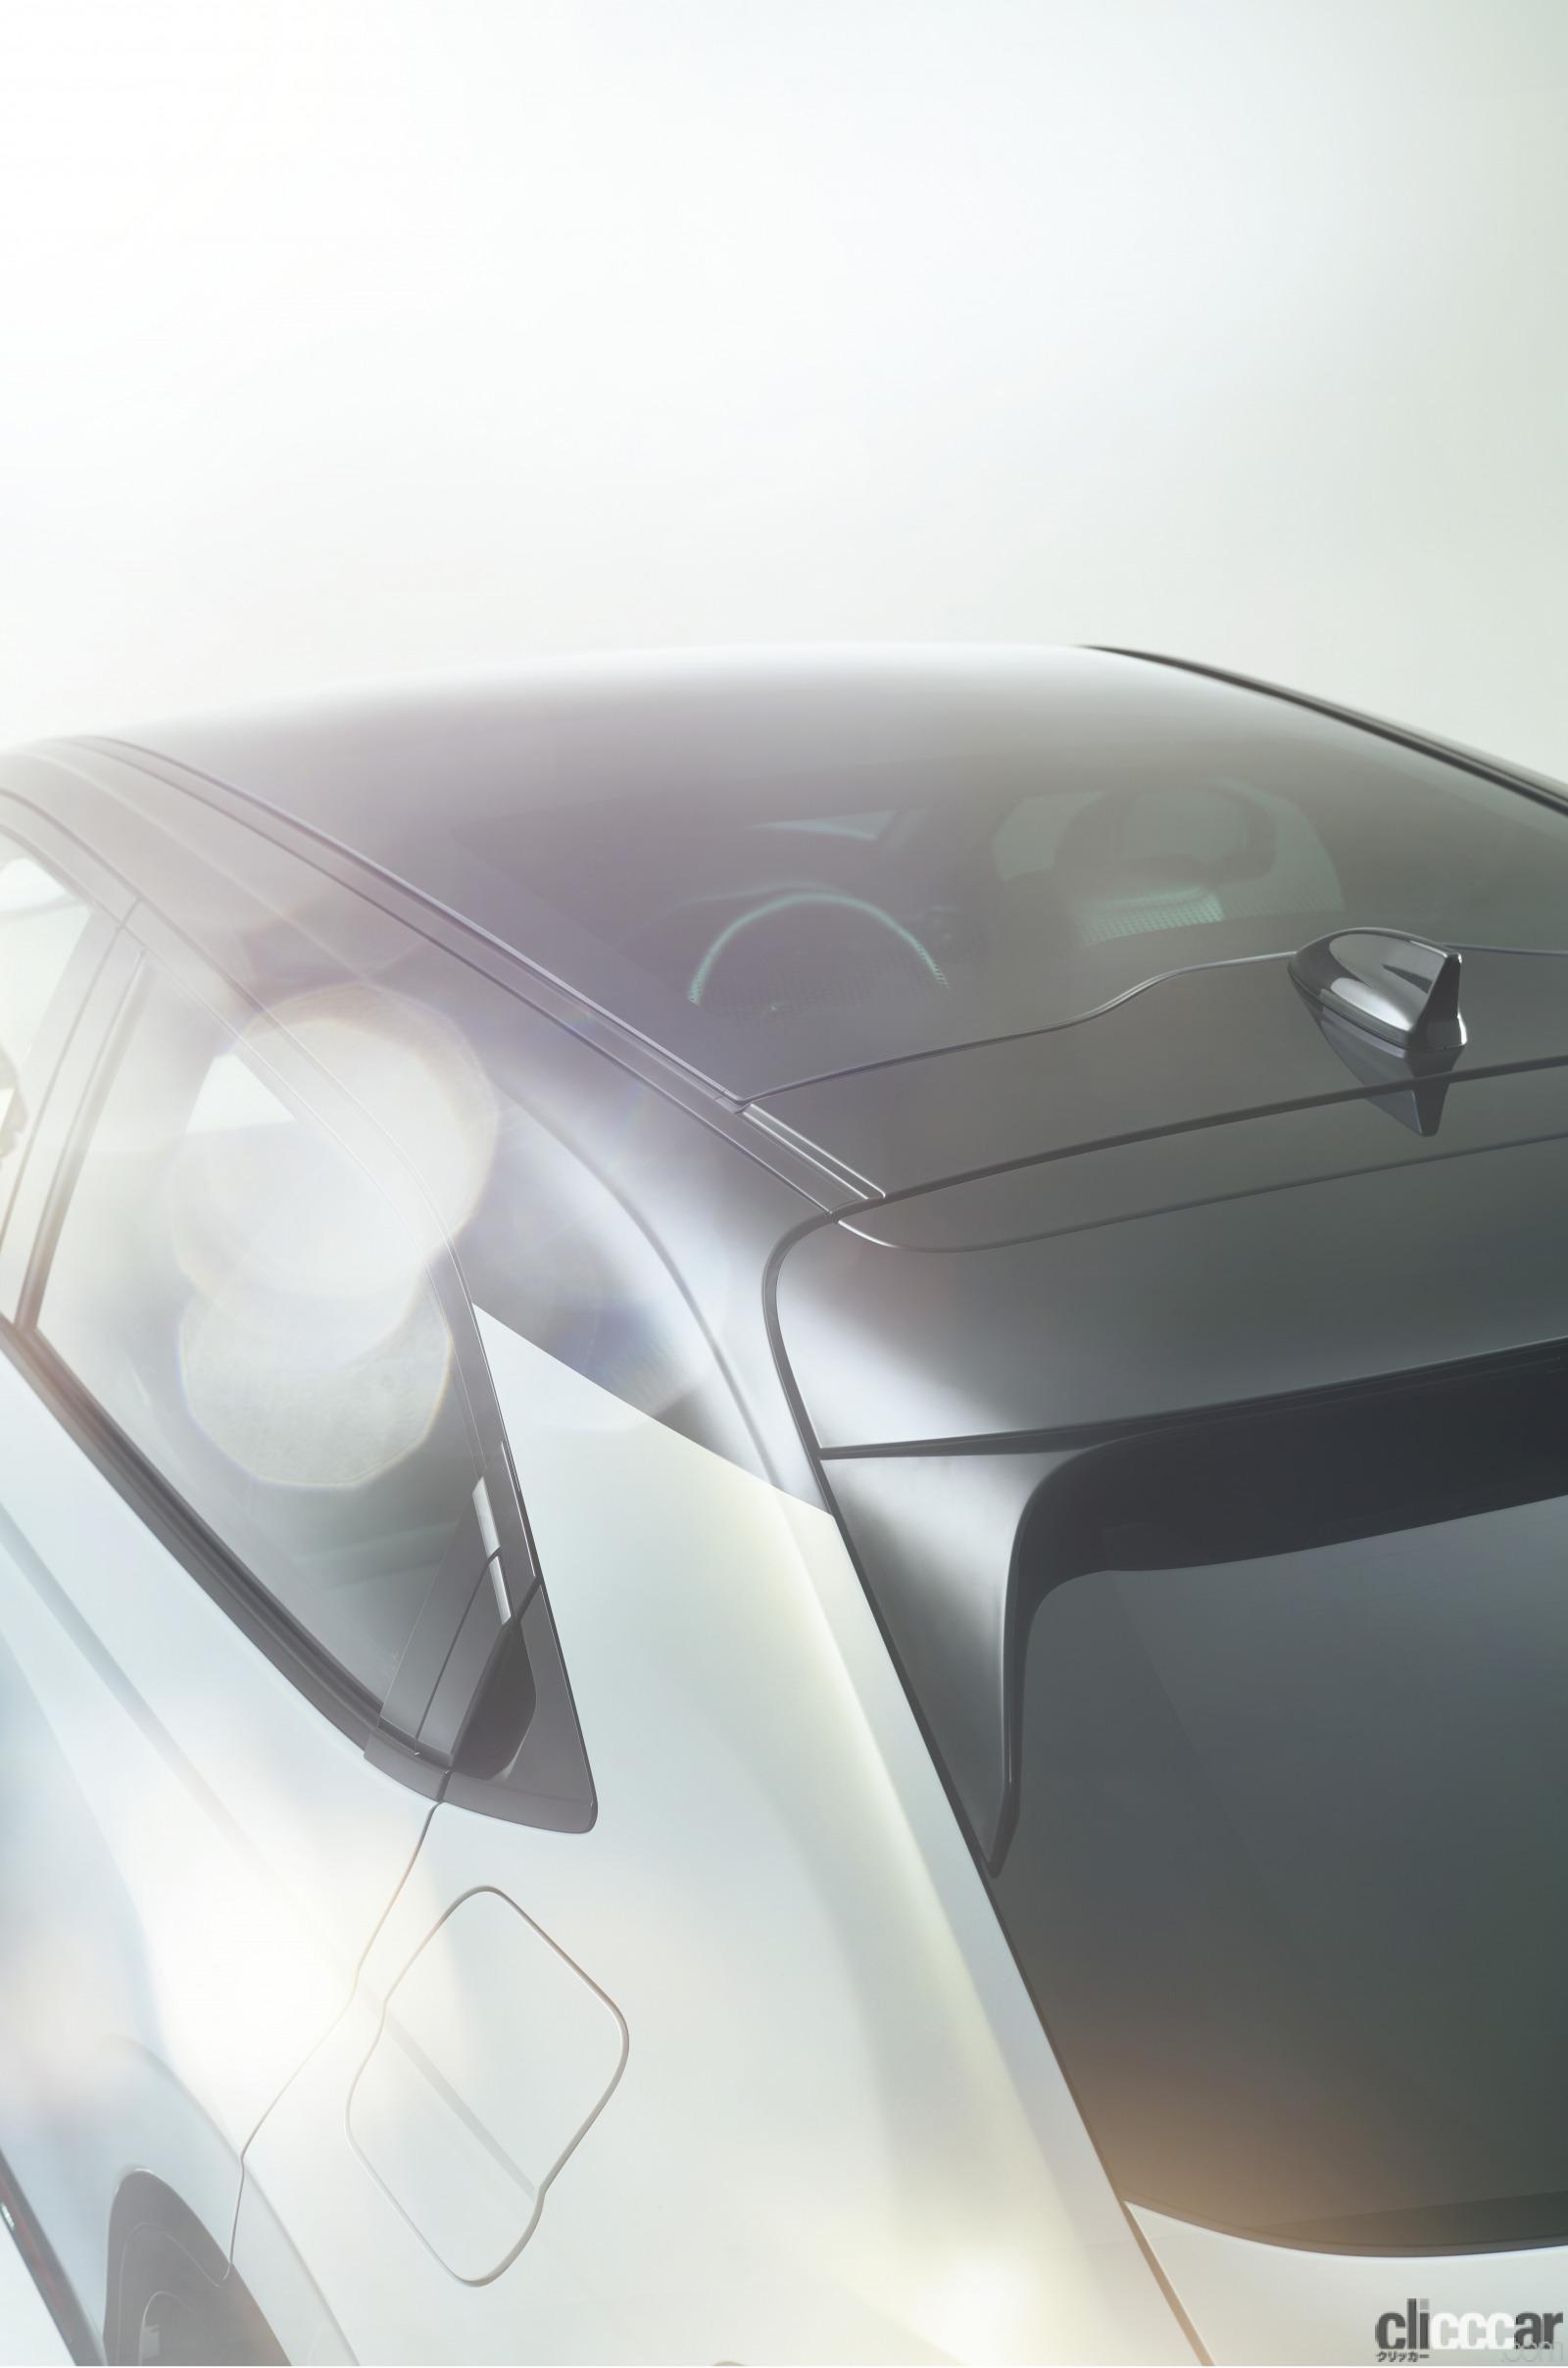 2021年春登場予定の新型ホンダ・ヴェゼル。エクステリアデザインはどうなる?